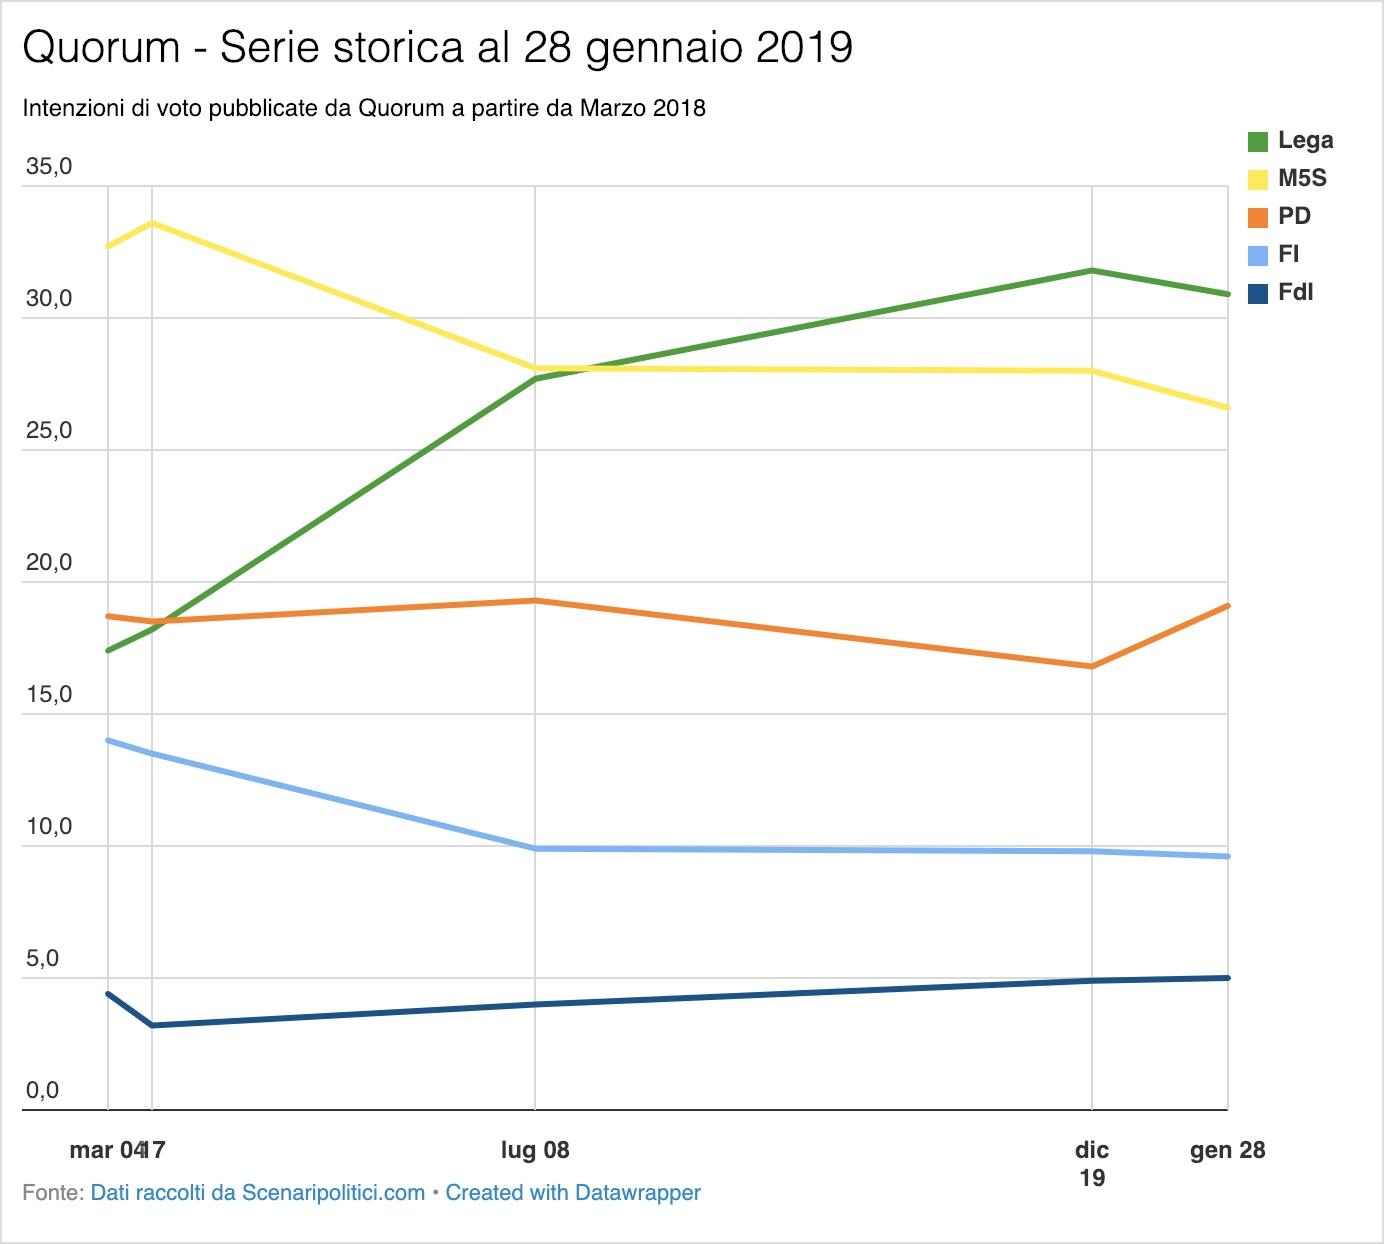 Sondaggio Quorum 28 gennaio 2019